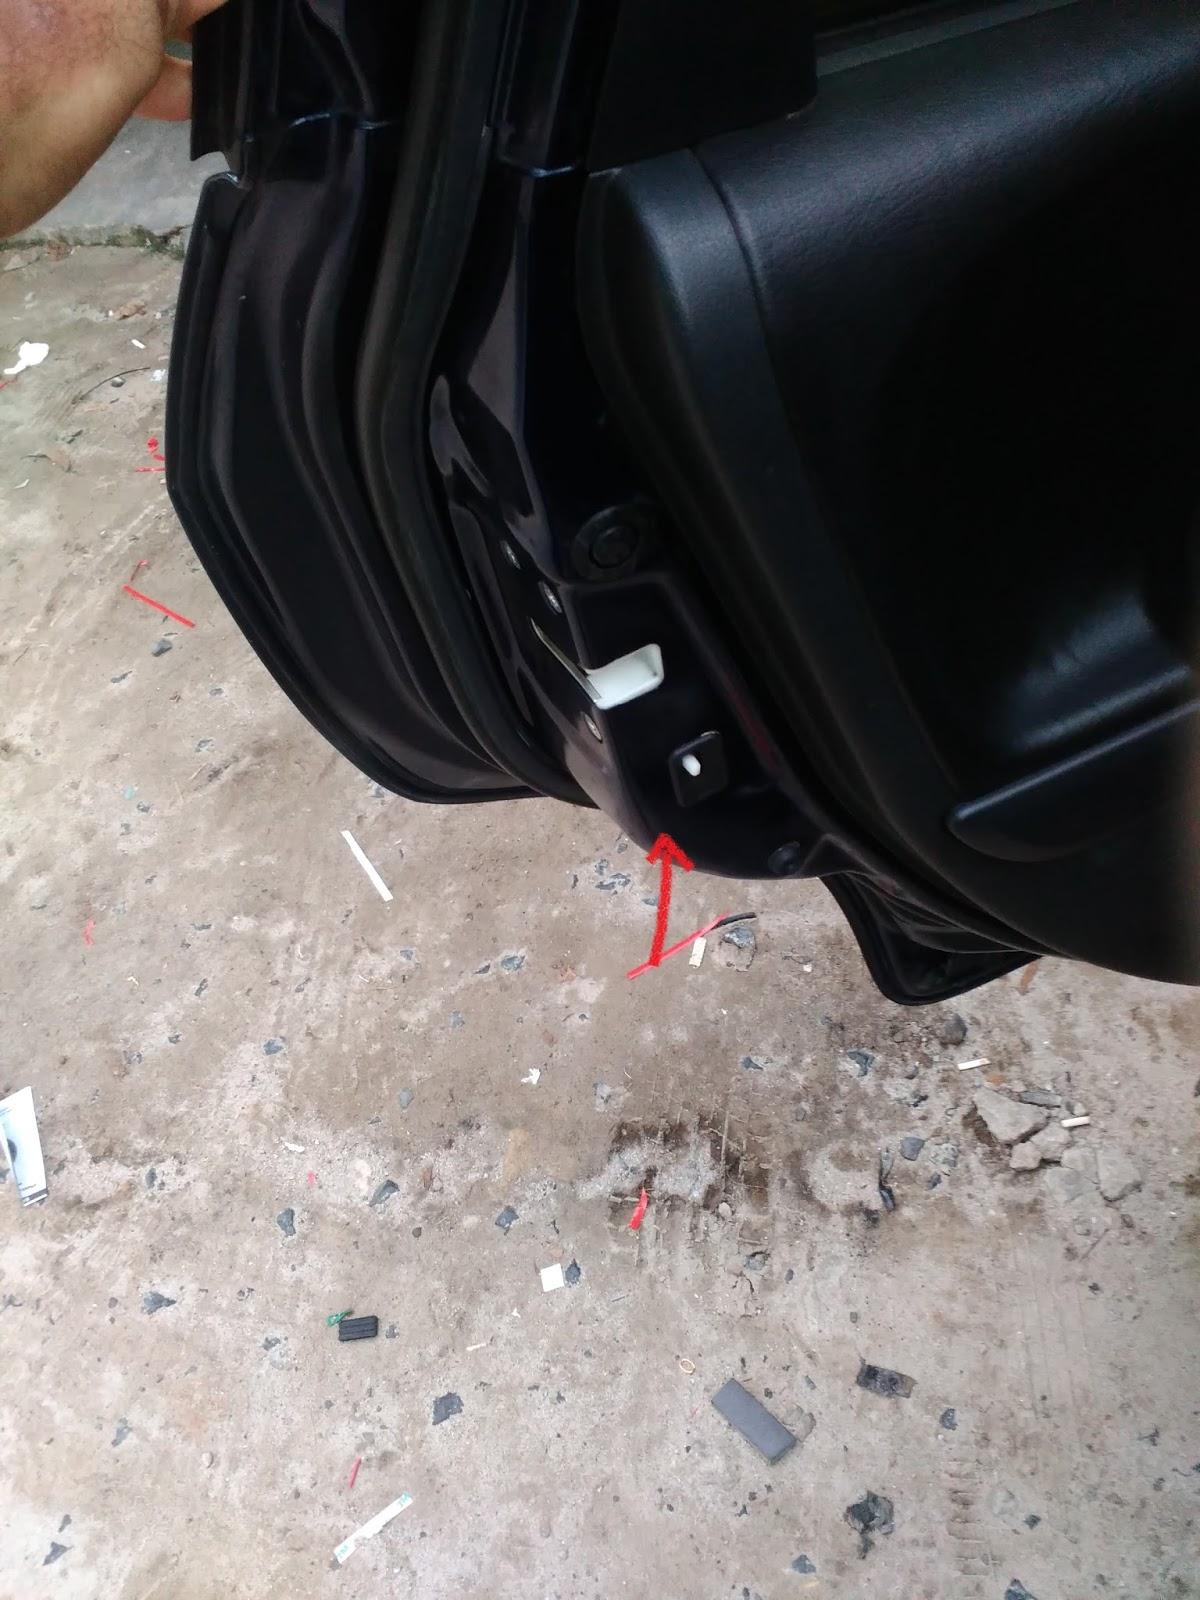 Posisi Nomor Mesin Grand New Avanza Review All Kijang Innova 2016 Otomotifkey Blogspot Pintu Tengah Mobil Tidak Bisa